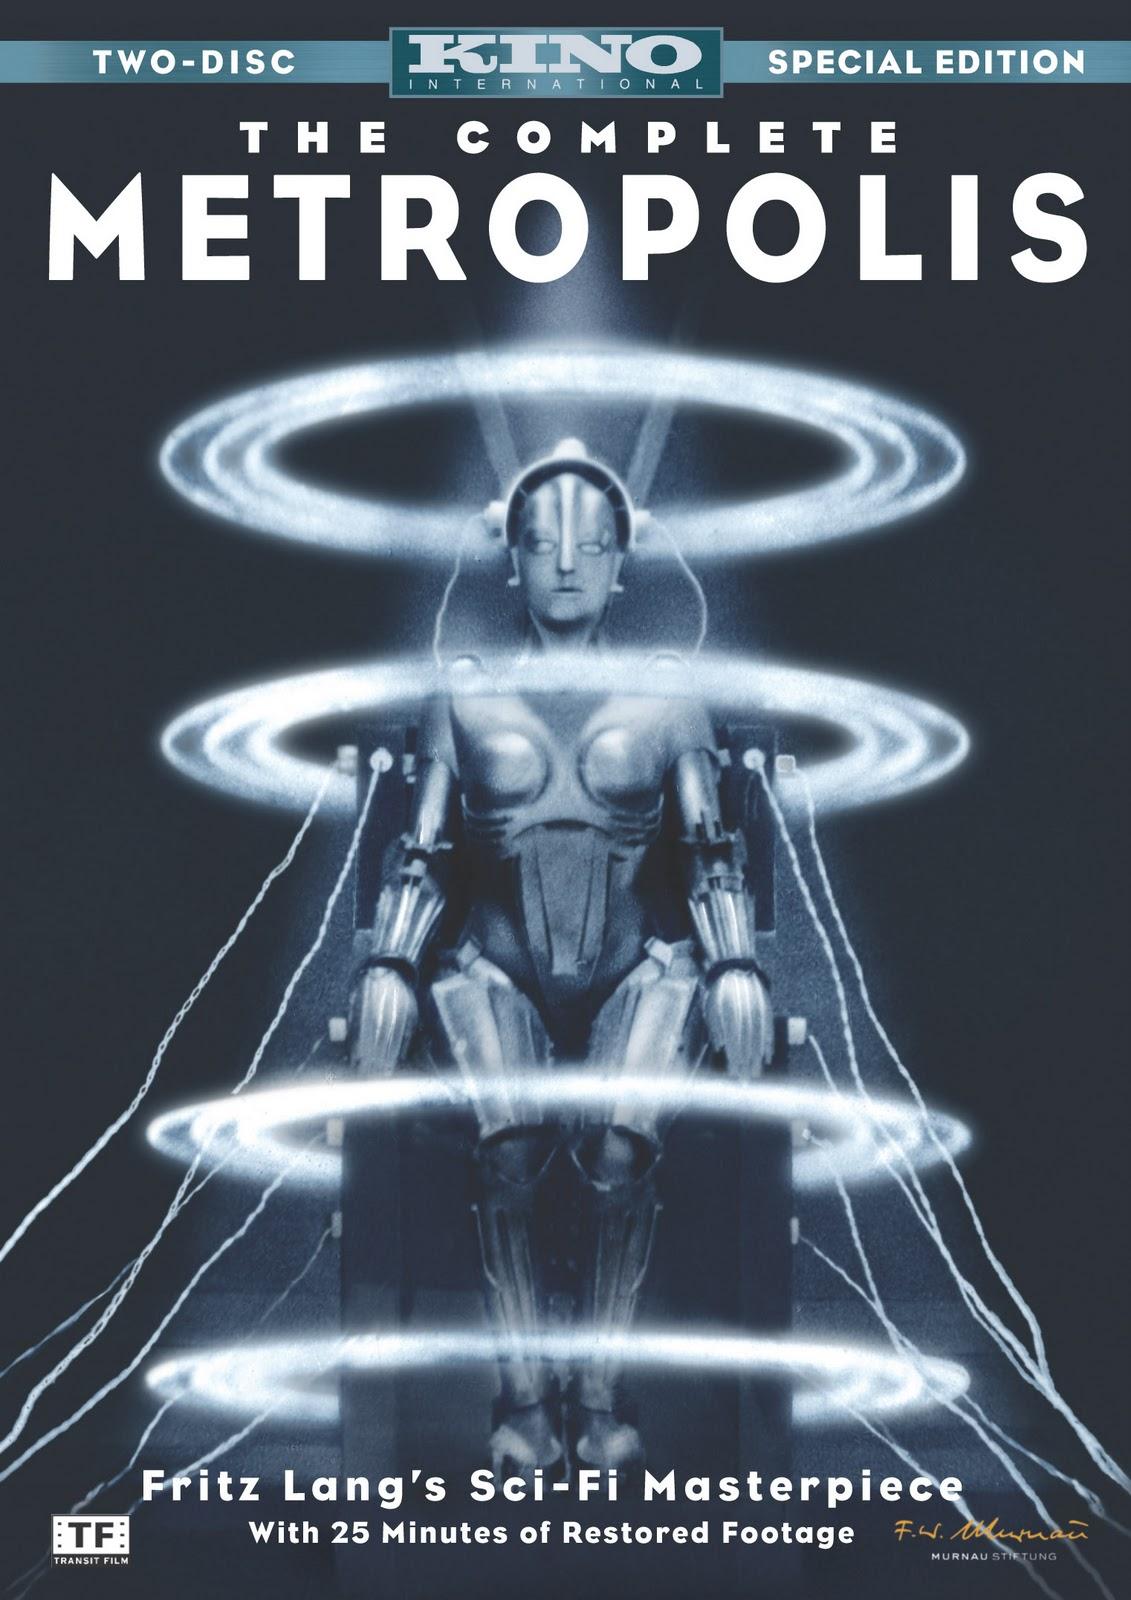 Critique of Metropolis Essay